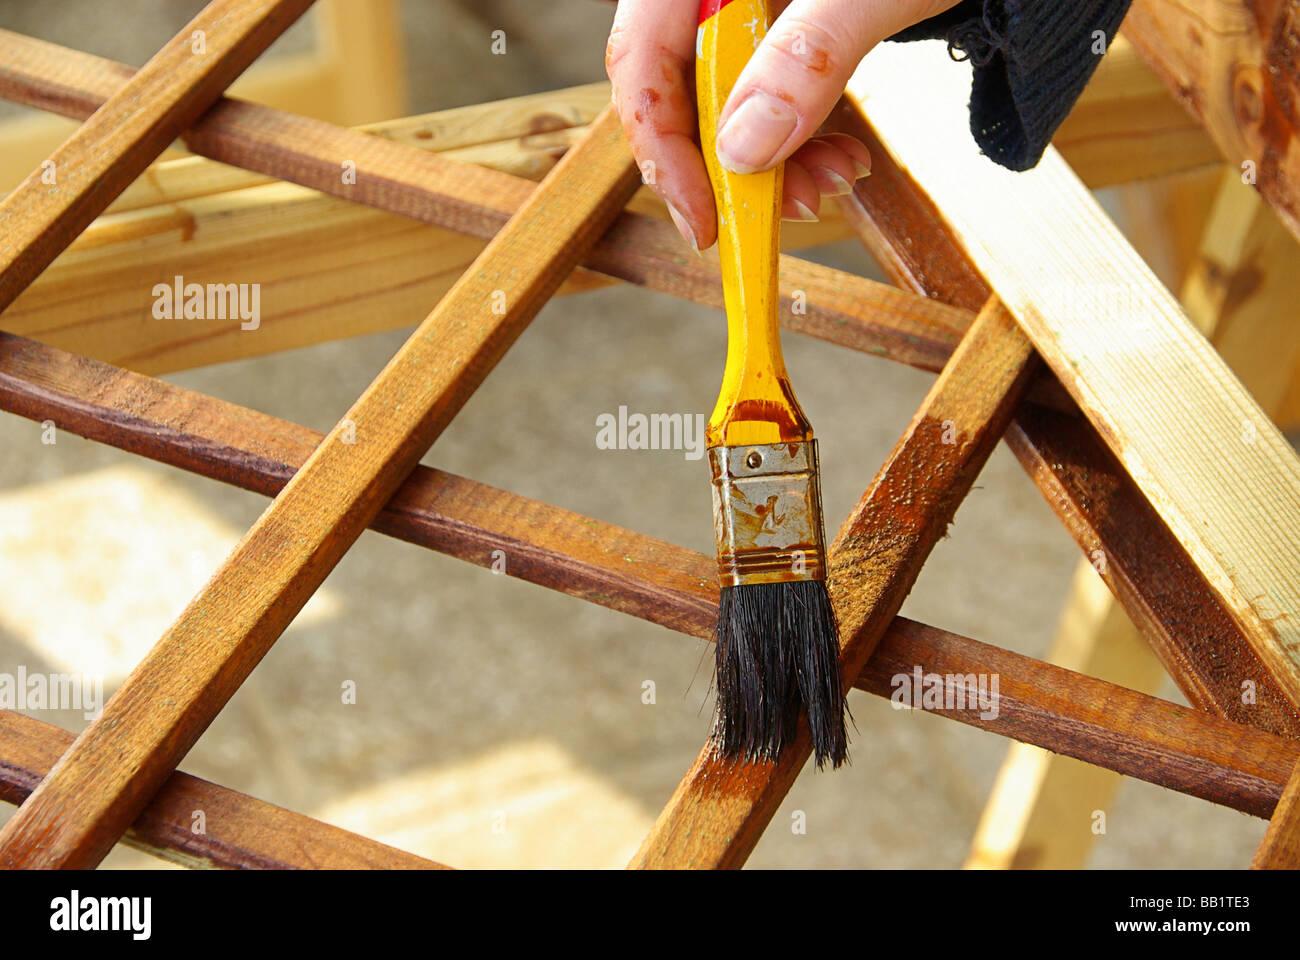 Pinsel Streichen Lasur Holz Malern Renovieren Farbe Hand Stock